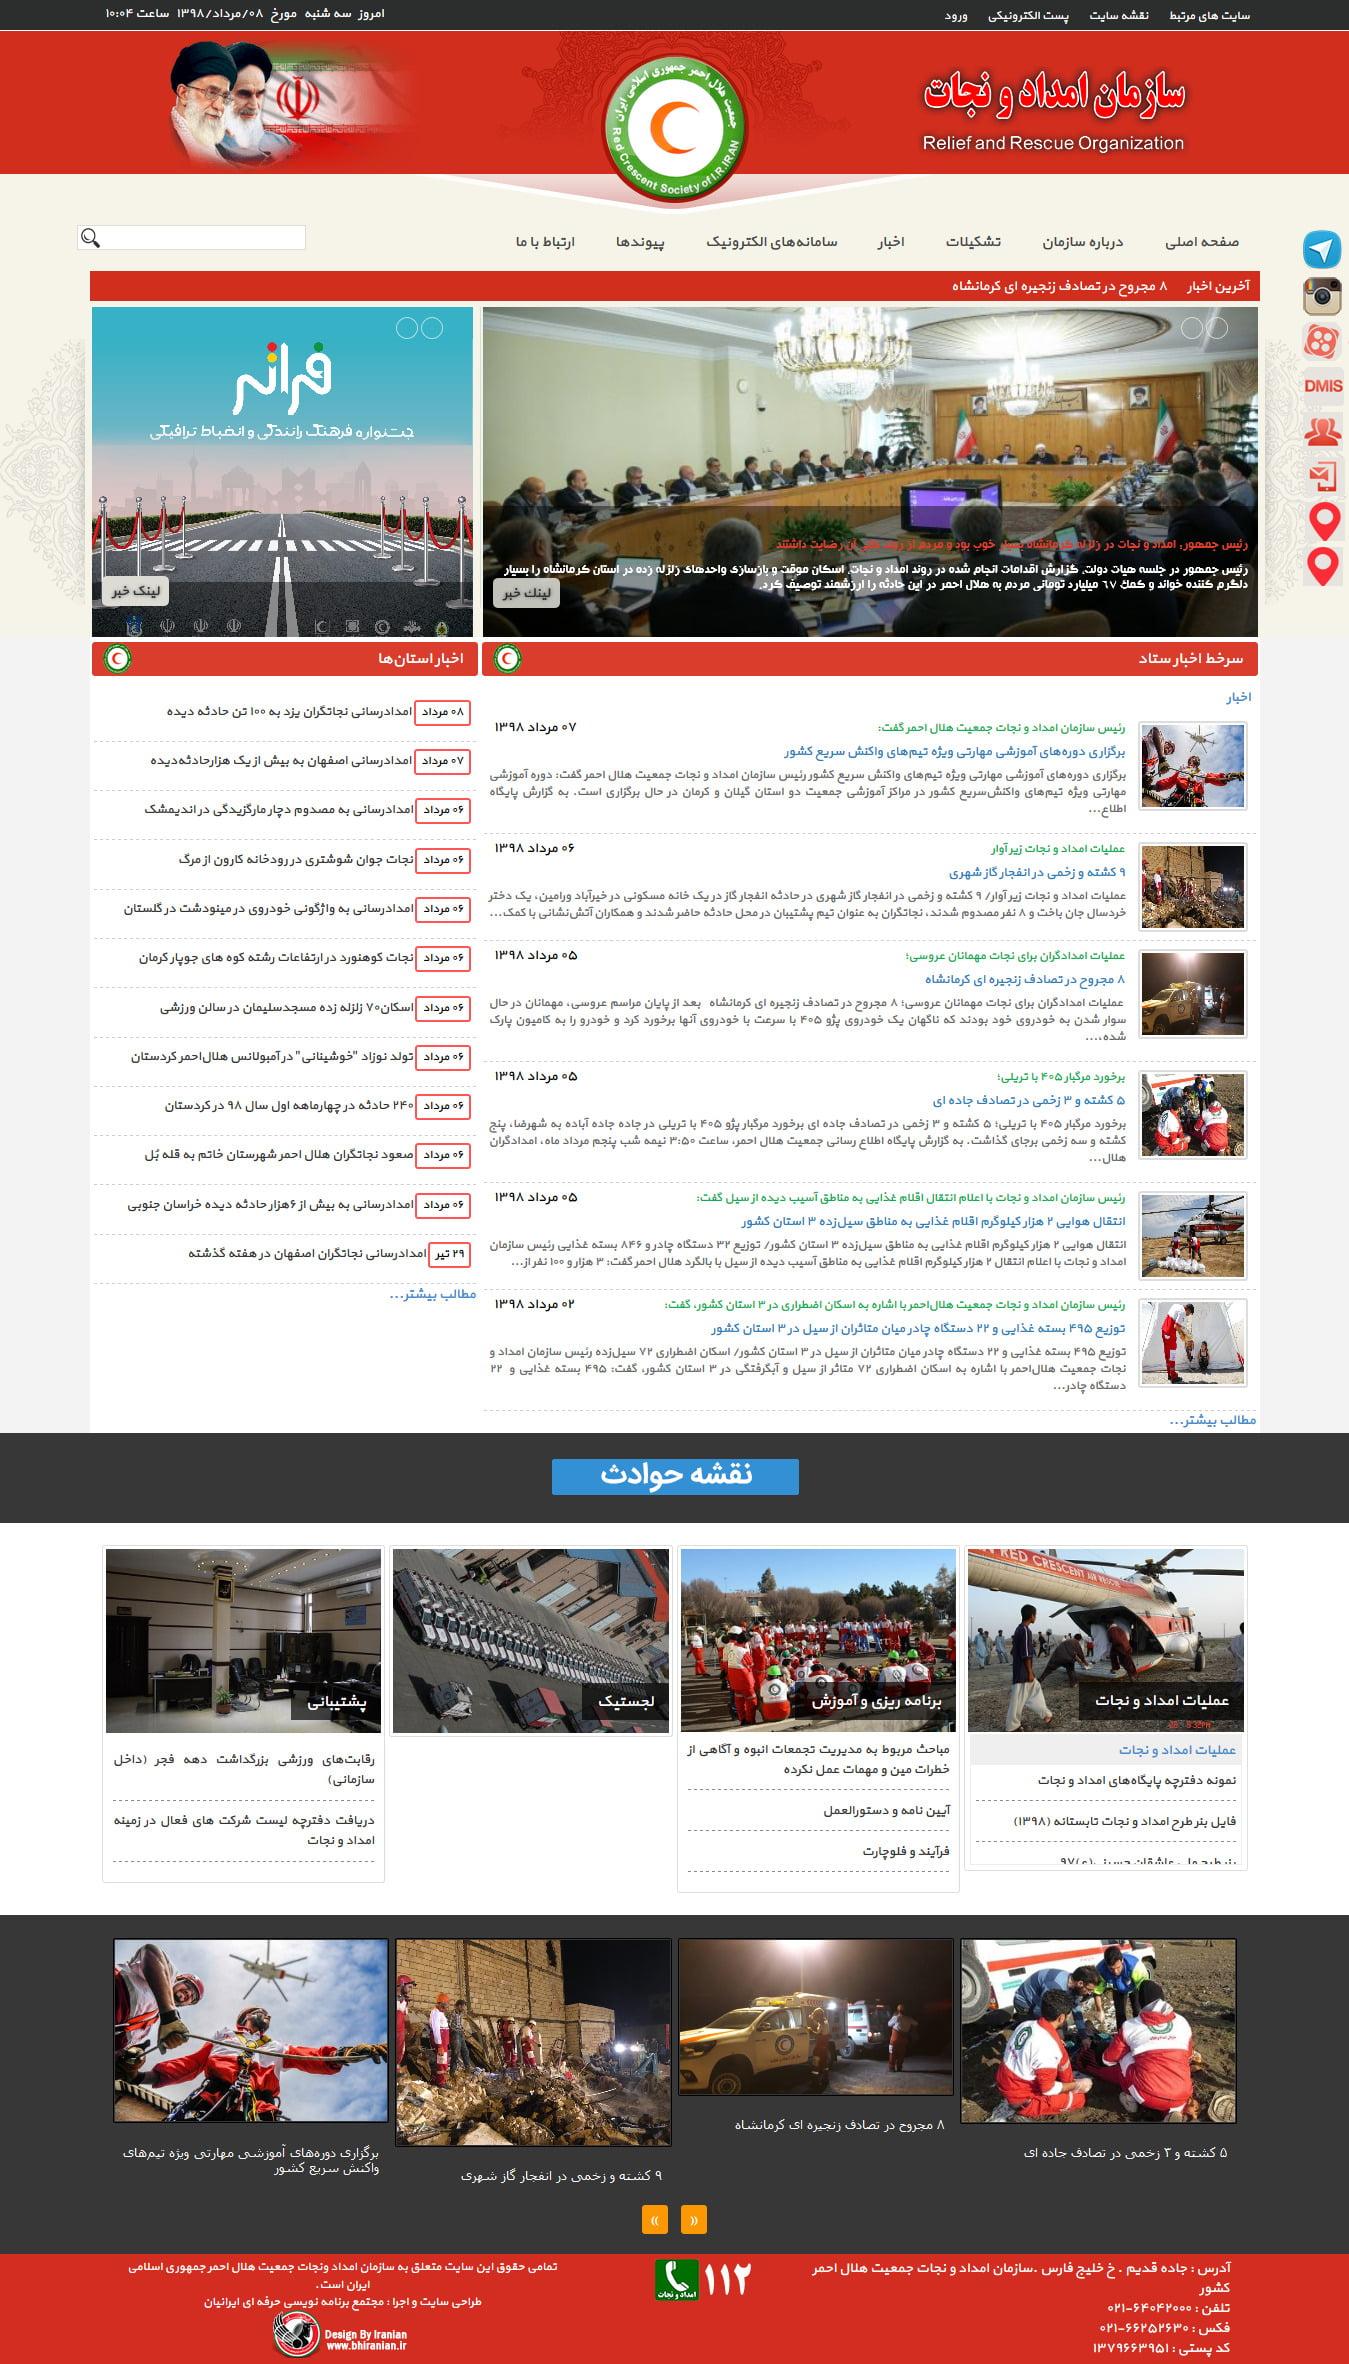 صفحه اصلی سایت سازمان امداد و نجات کشور